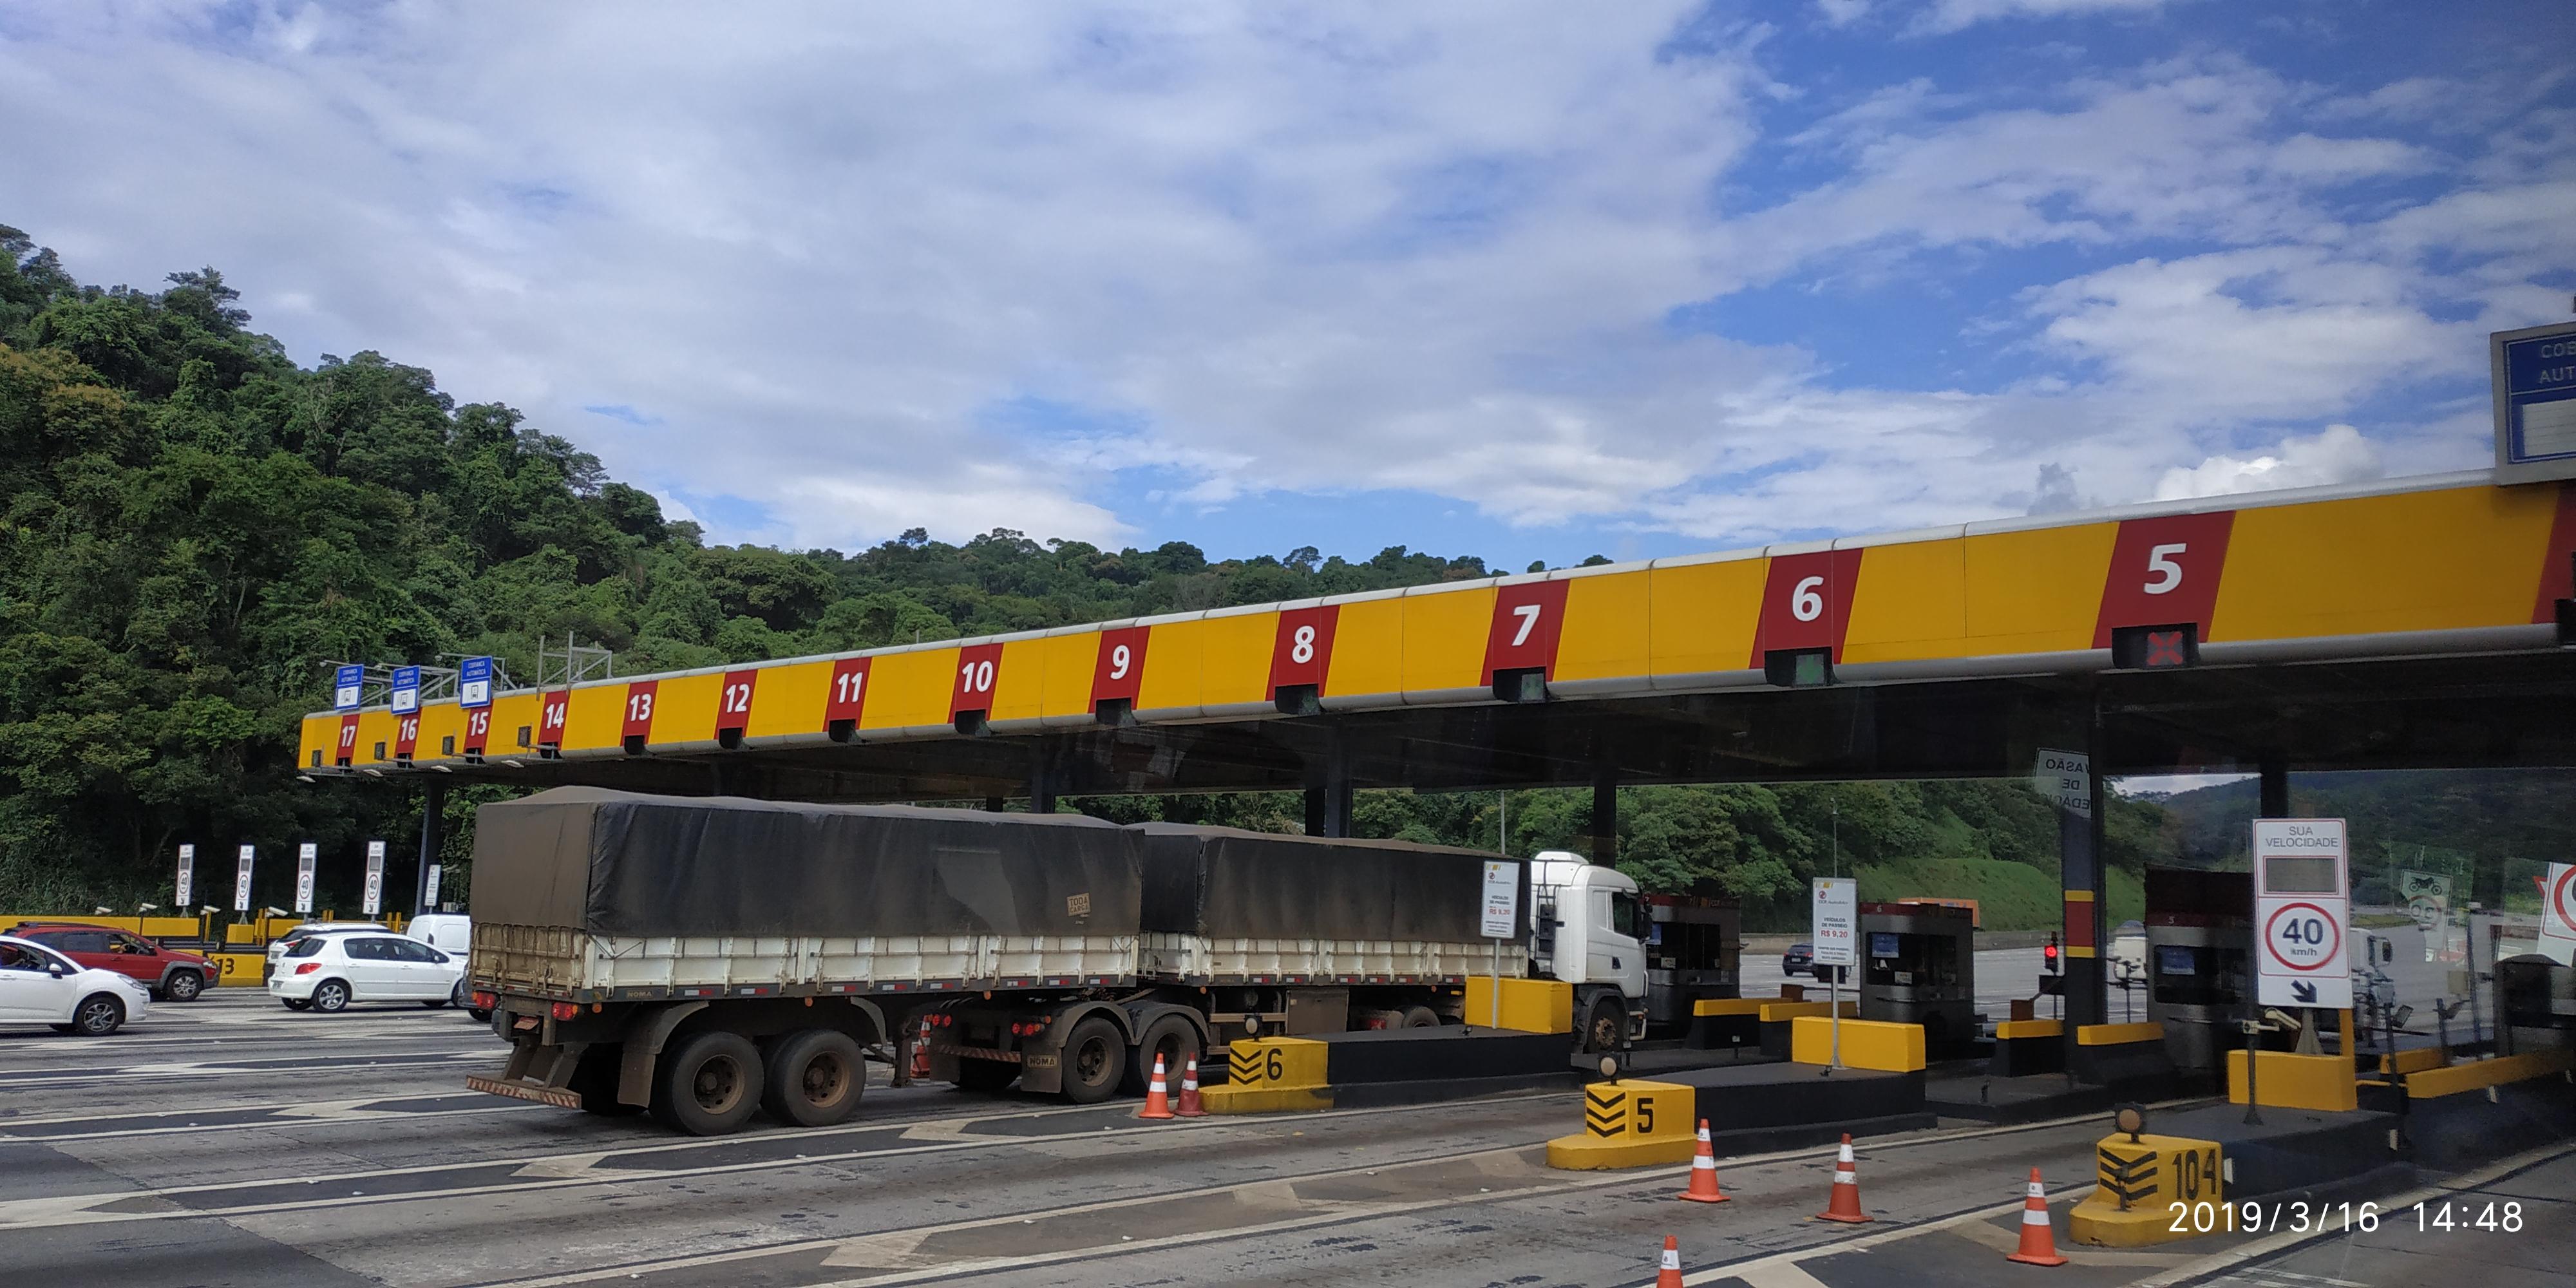 TARIFA REDUZIDA: Caminhoneiros poderão pagar tarifa de pedágio mais barata nas rodovias paulistas, a partir de 2020, caso a proposta do governo estadual saia do papel. É esperar para ver. Foto: Aderlei de Souza